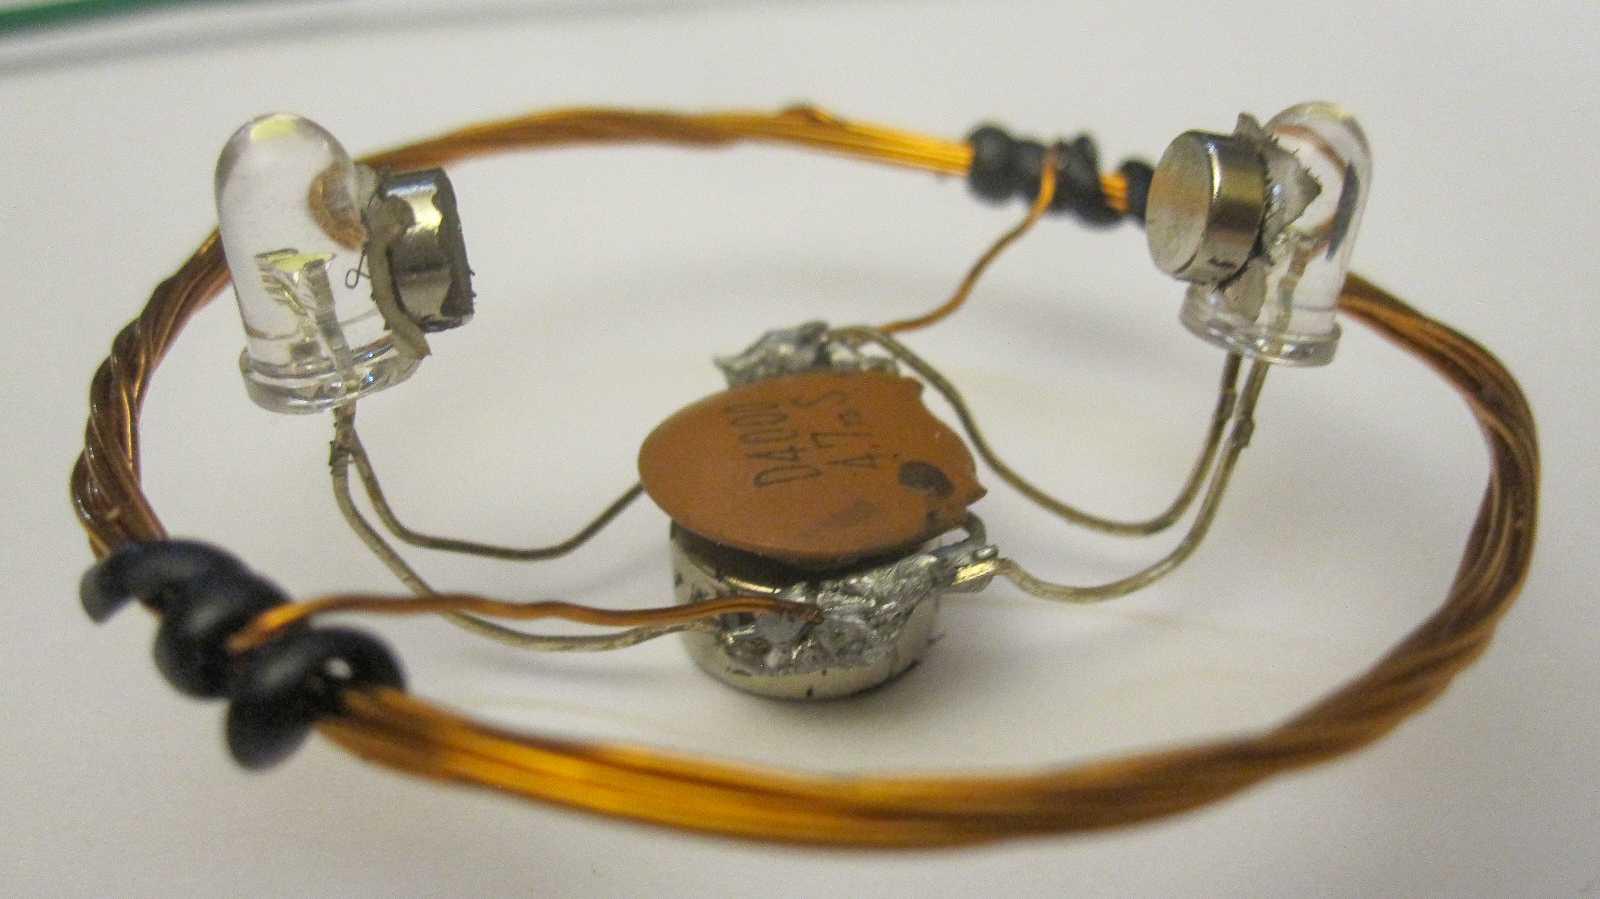 Der LED-Kreisel mit Spule in der Mitte und zwei LEDs